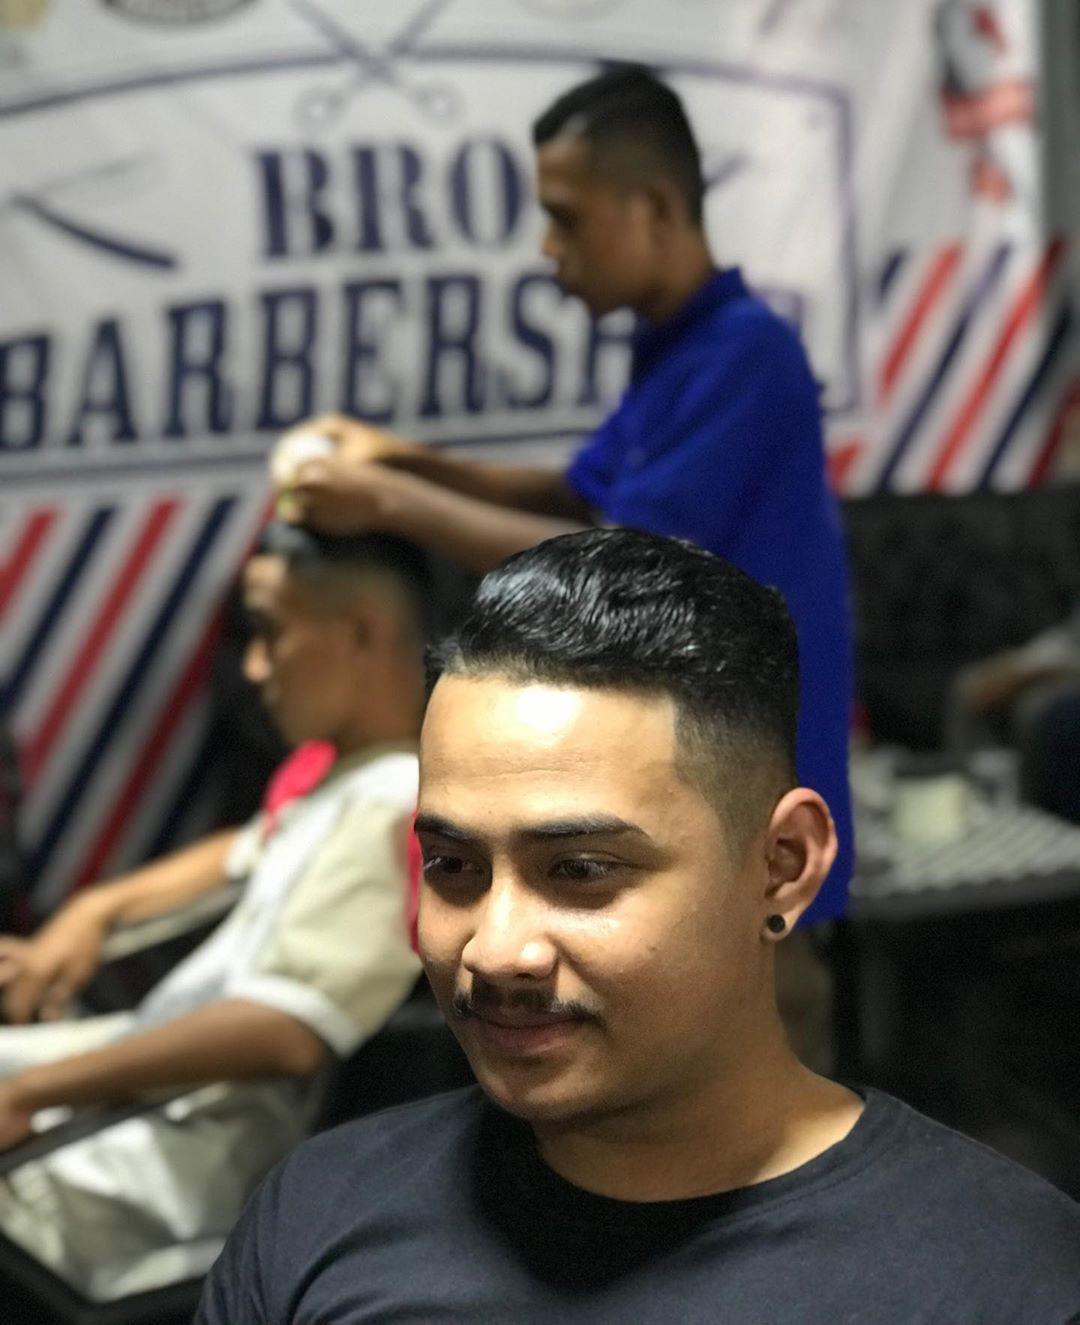 Solusi Ketampanan Pria Mau Tampil Keren Dan Stylish Kunjungi Brobarber Shop Nbsp Nbsp Paket Nbsp Nbsp Cukur Cukur Stylish Barber Shop Hair Styles